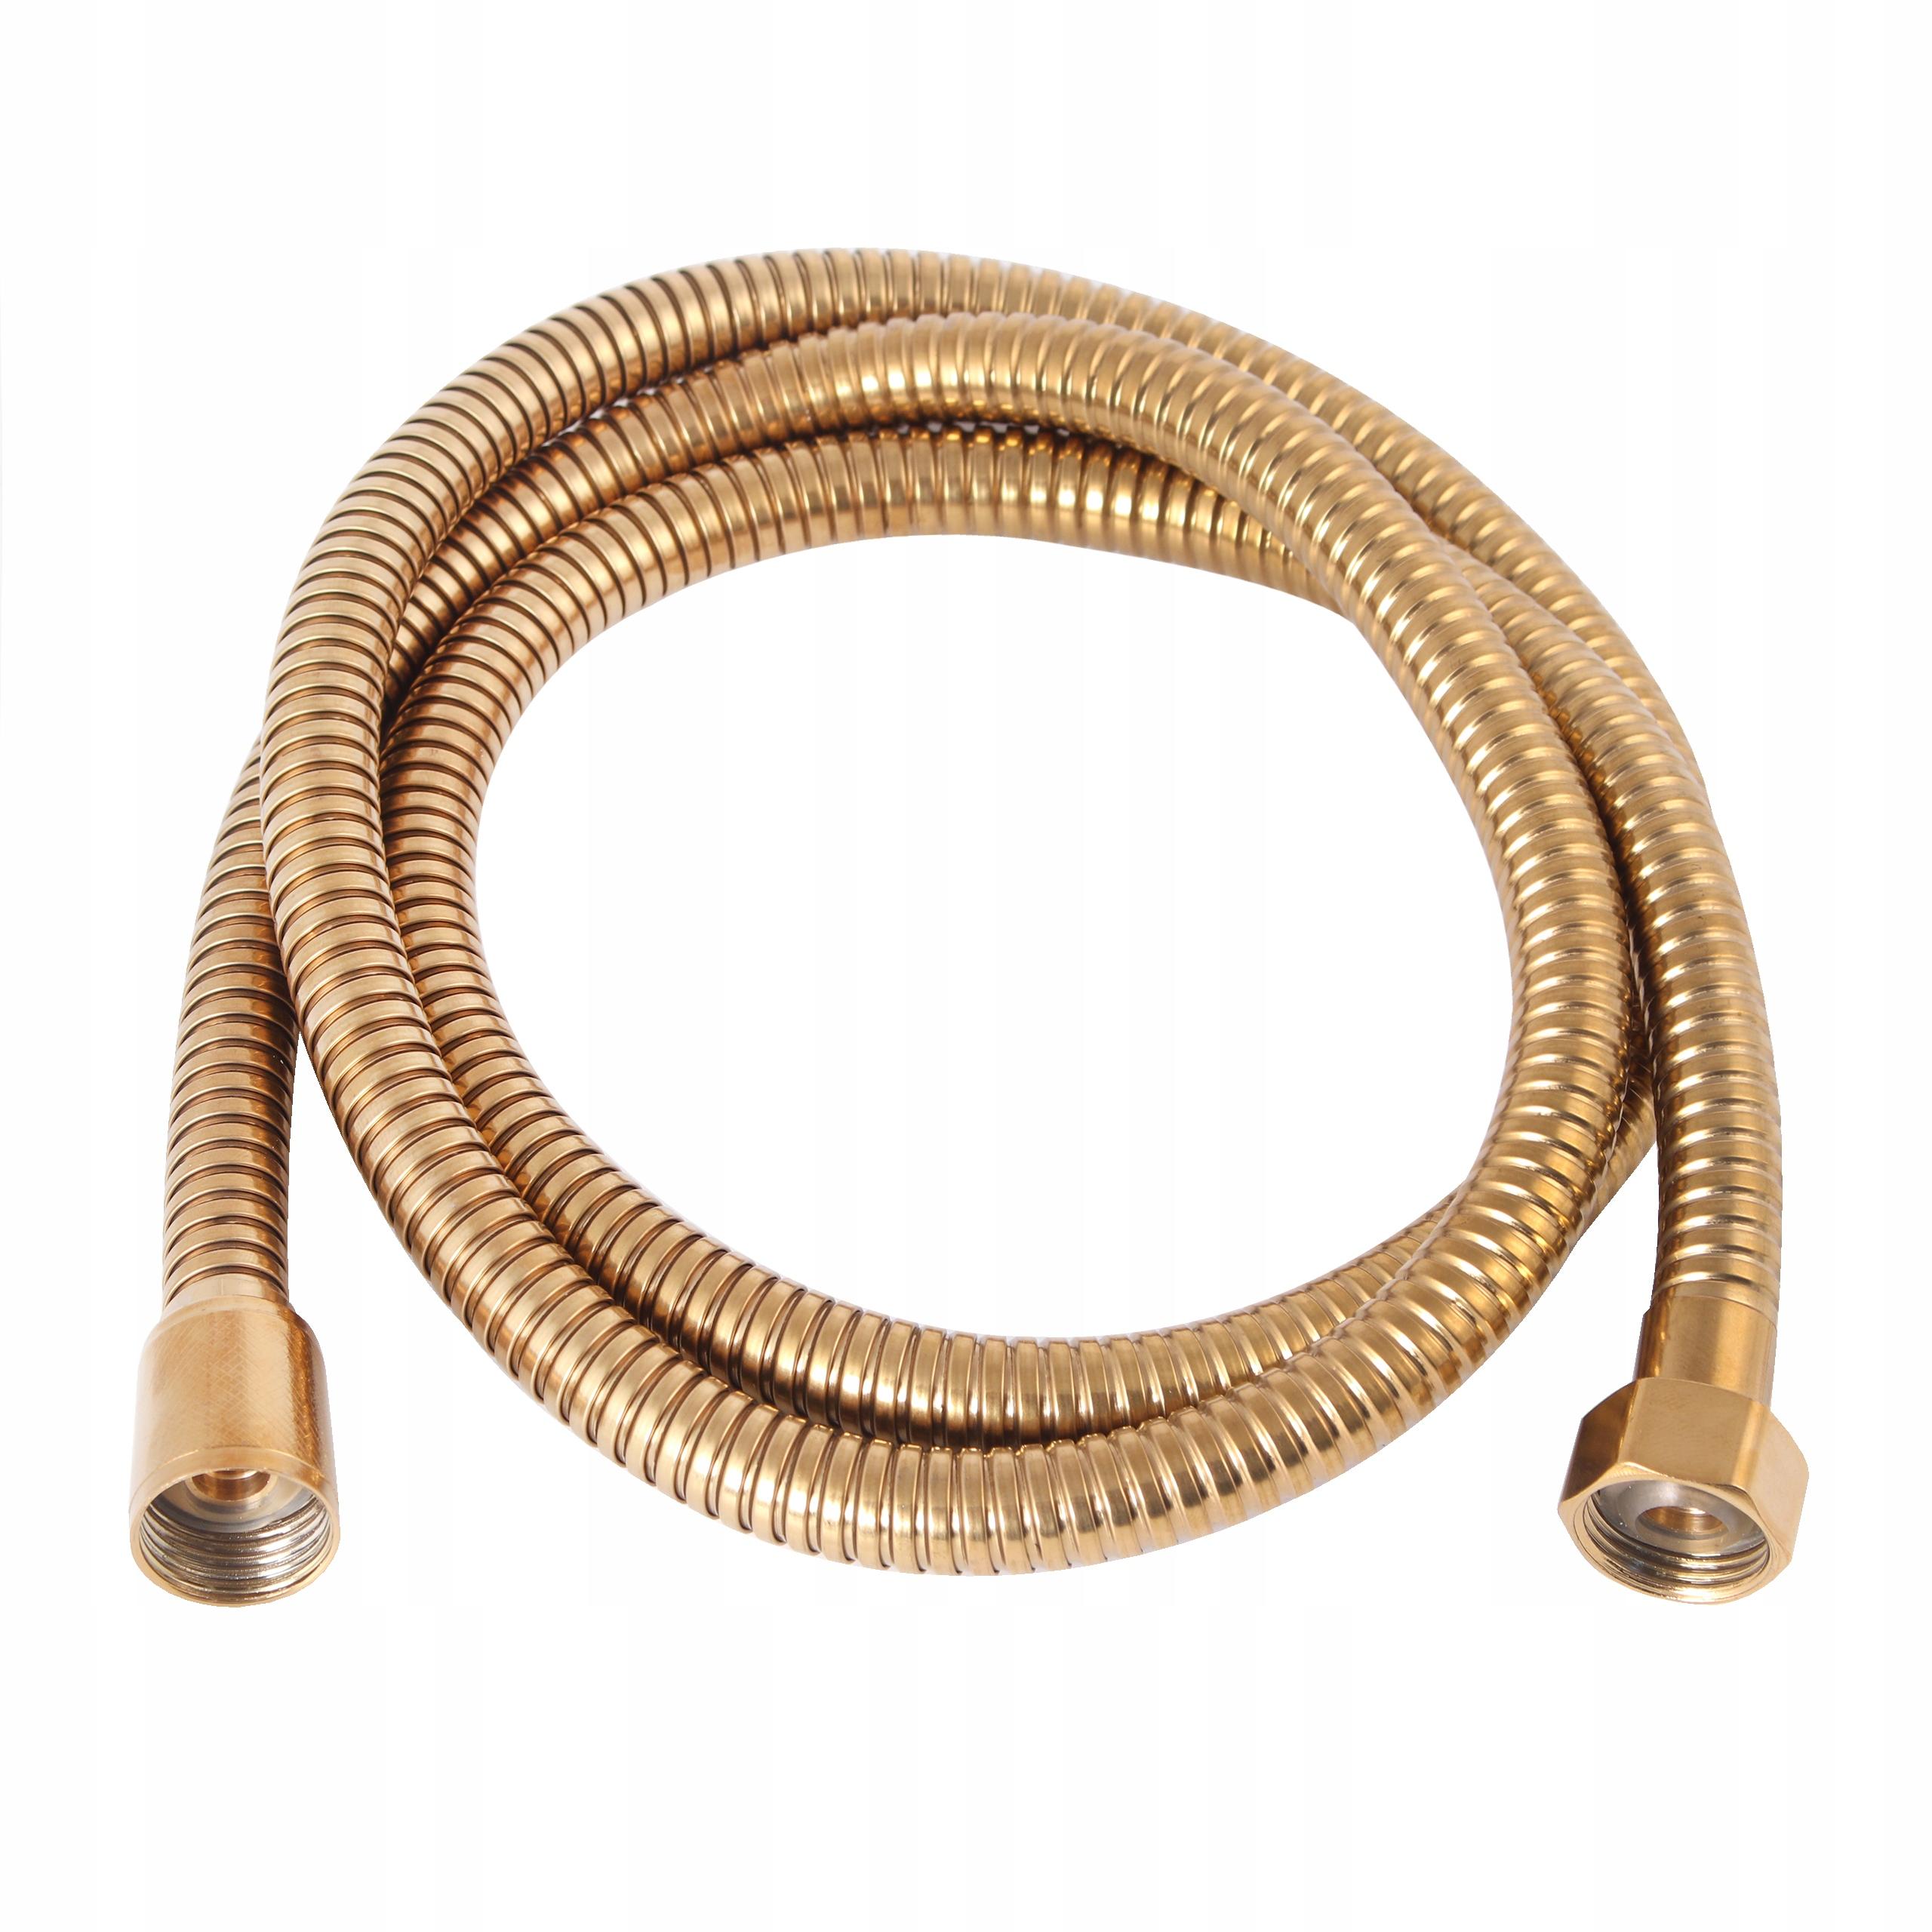 Sprchové hadice zlatý štandard retro 150 cm